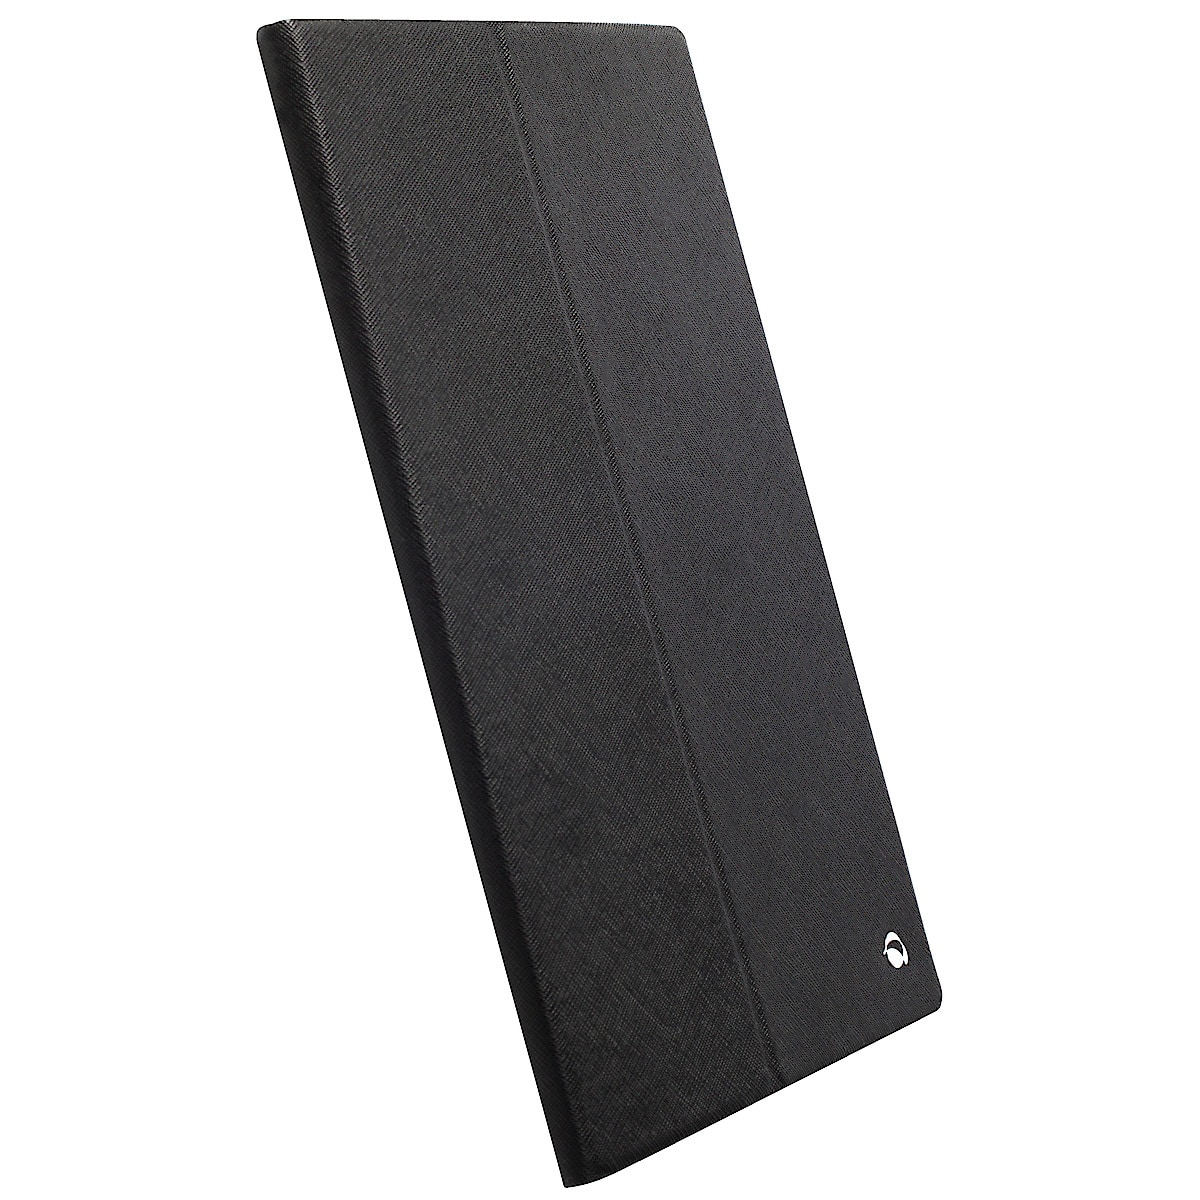 Fodral för Sony Xperia Z/Z2 Tablet, Krusell Malmö